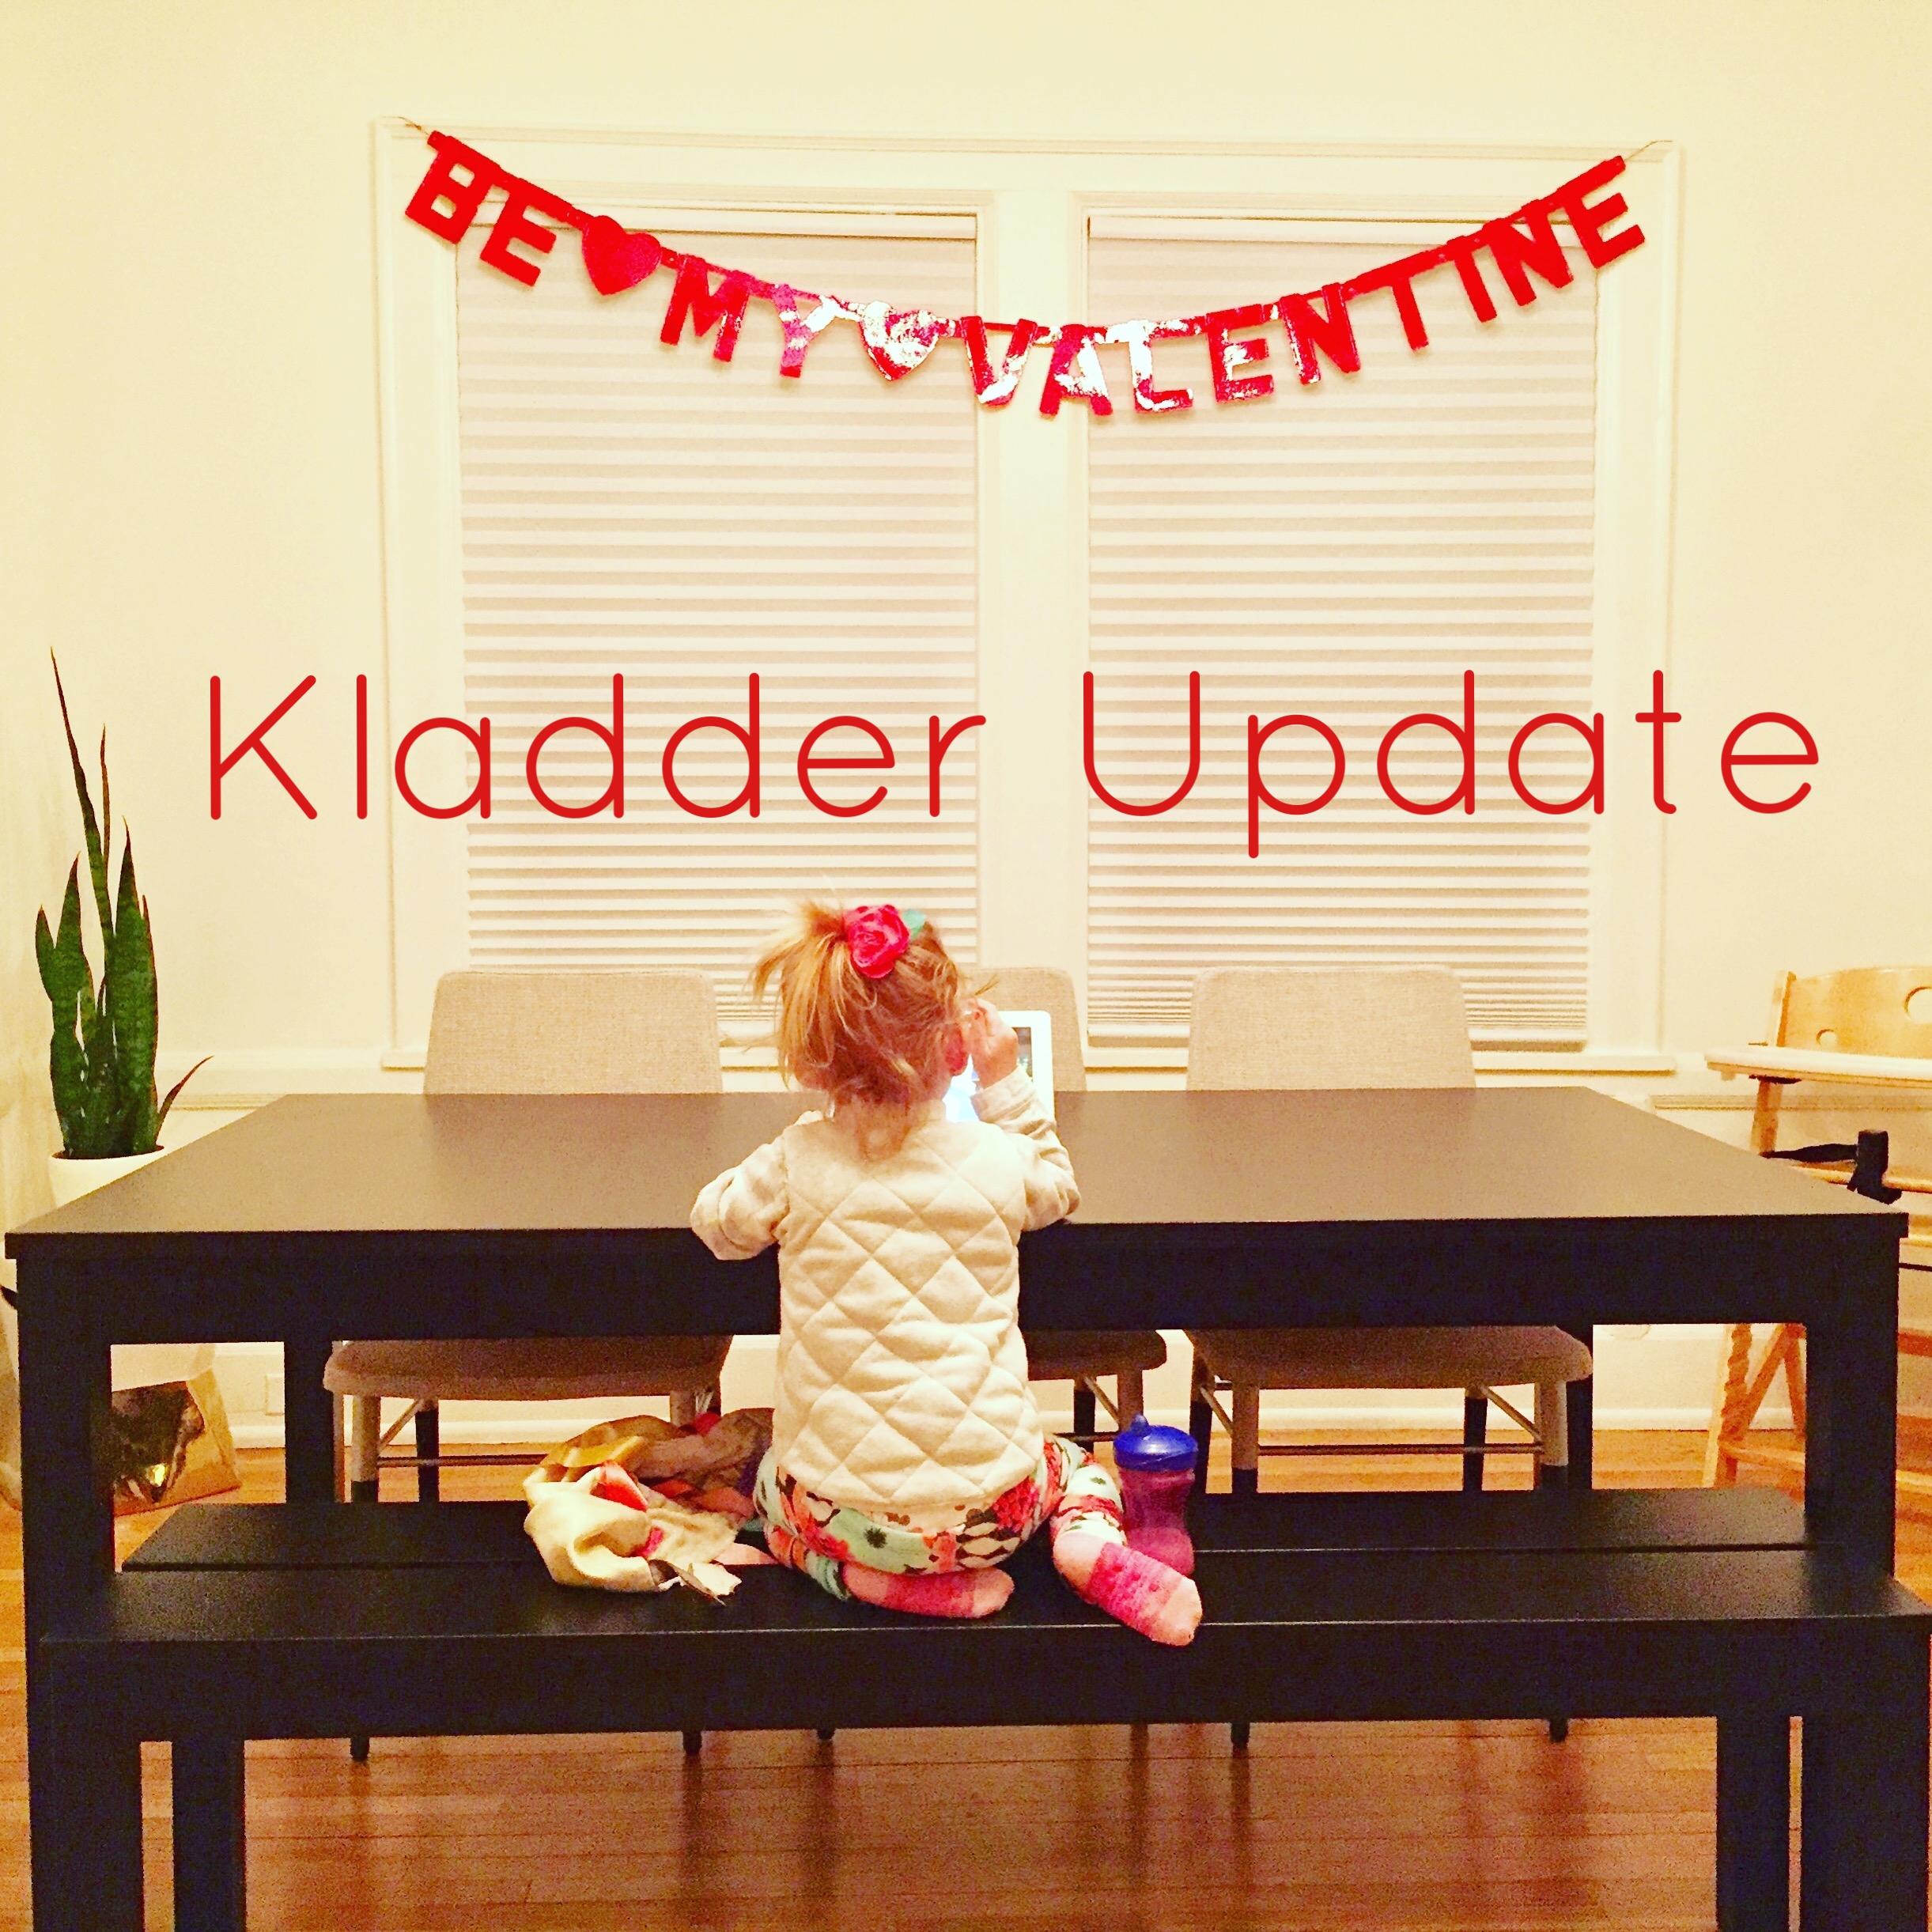 Kladder Update.jpg